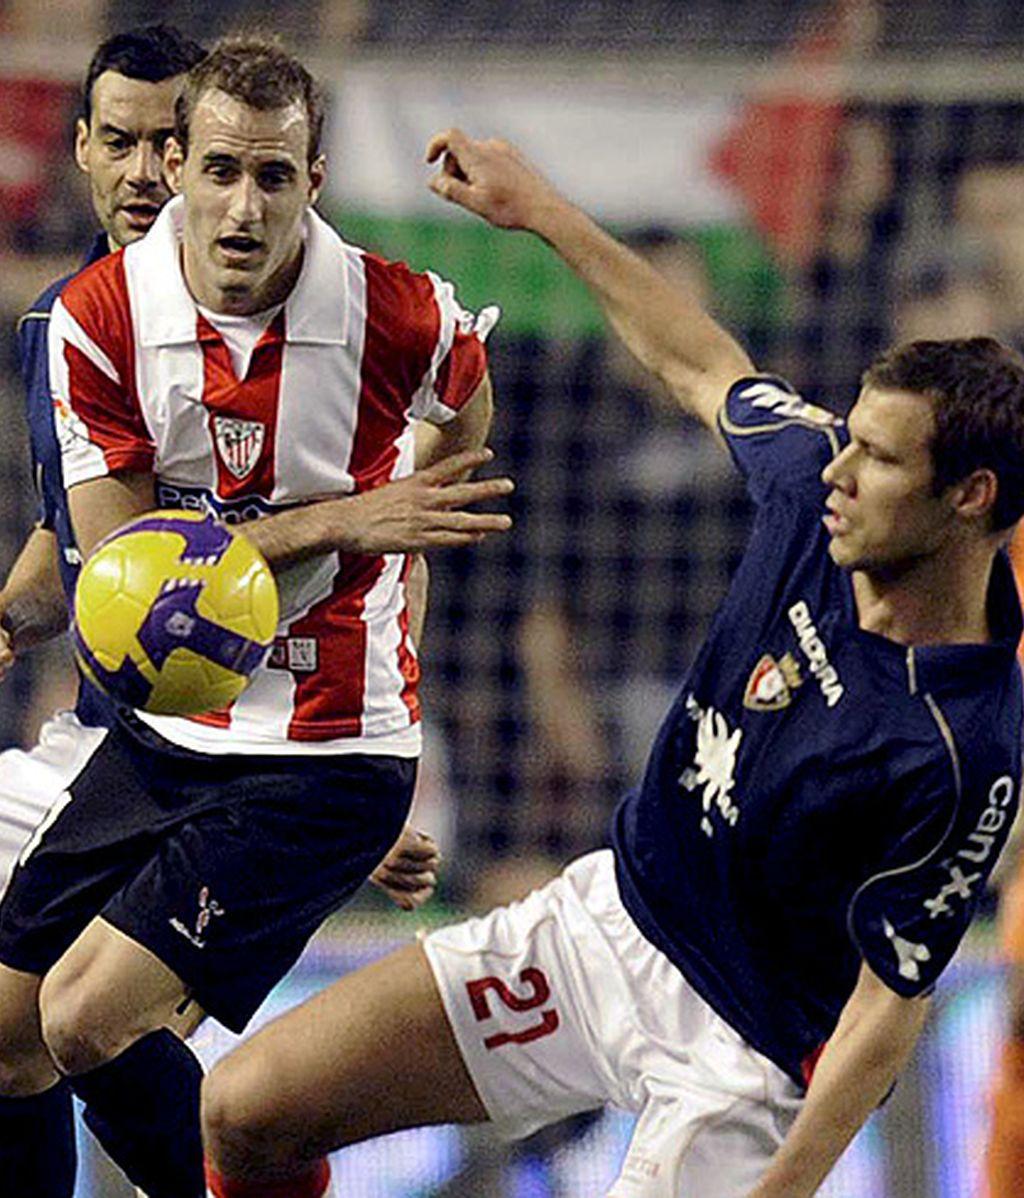 2-0. El Athletic refuerza su apuesta copera con un triunfo convincente